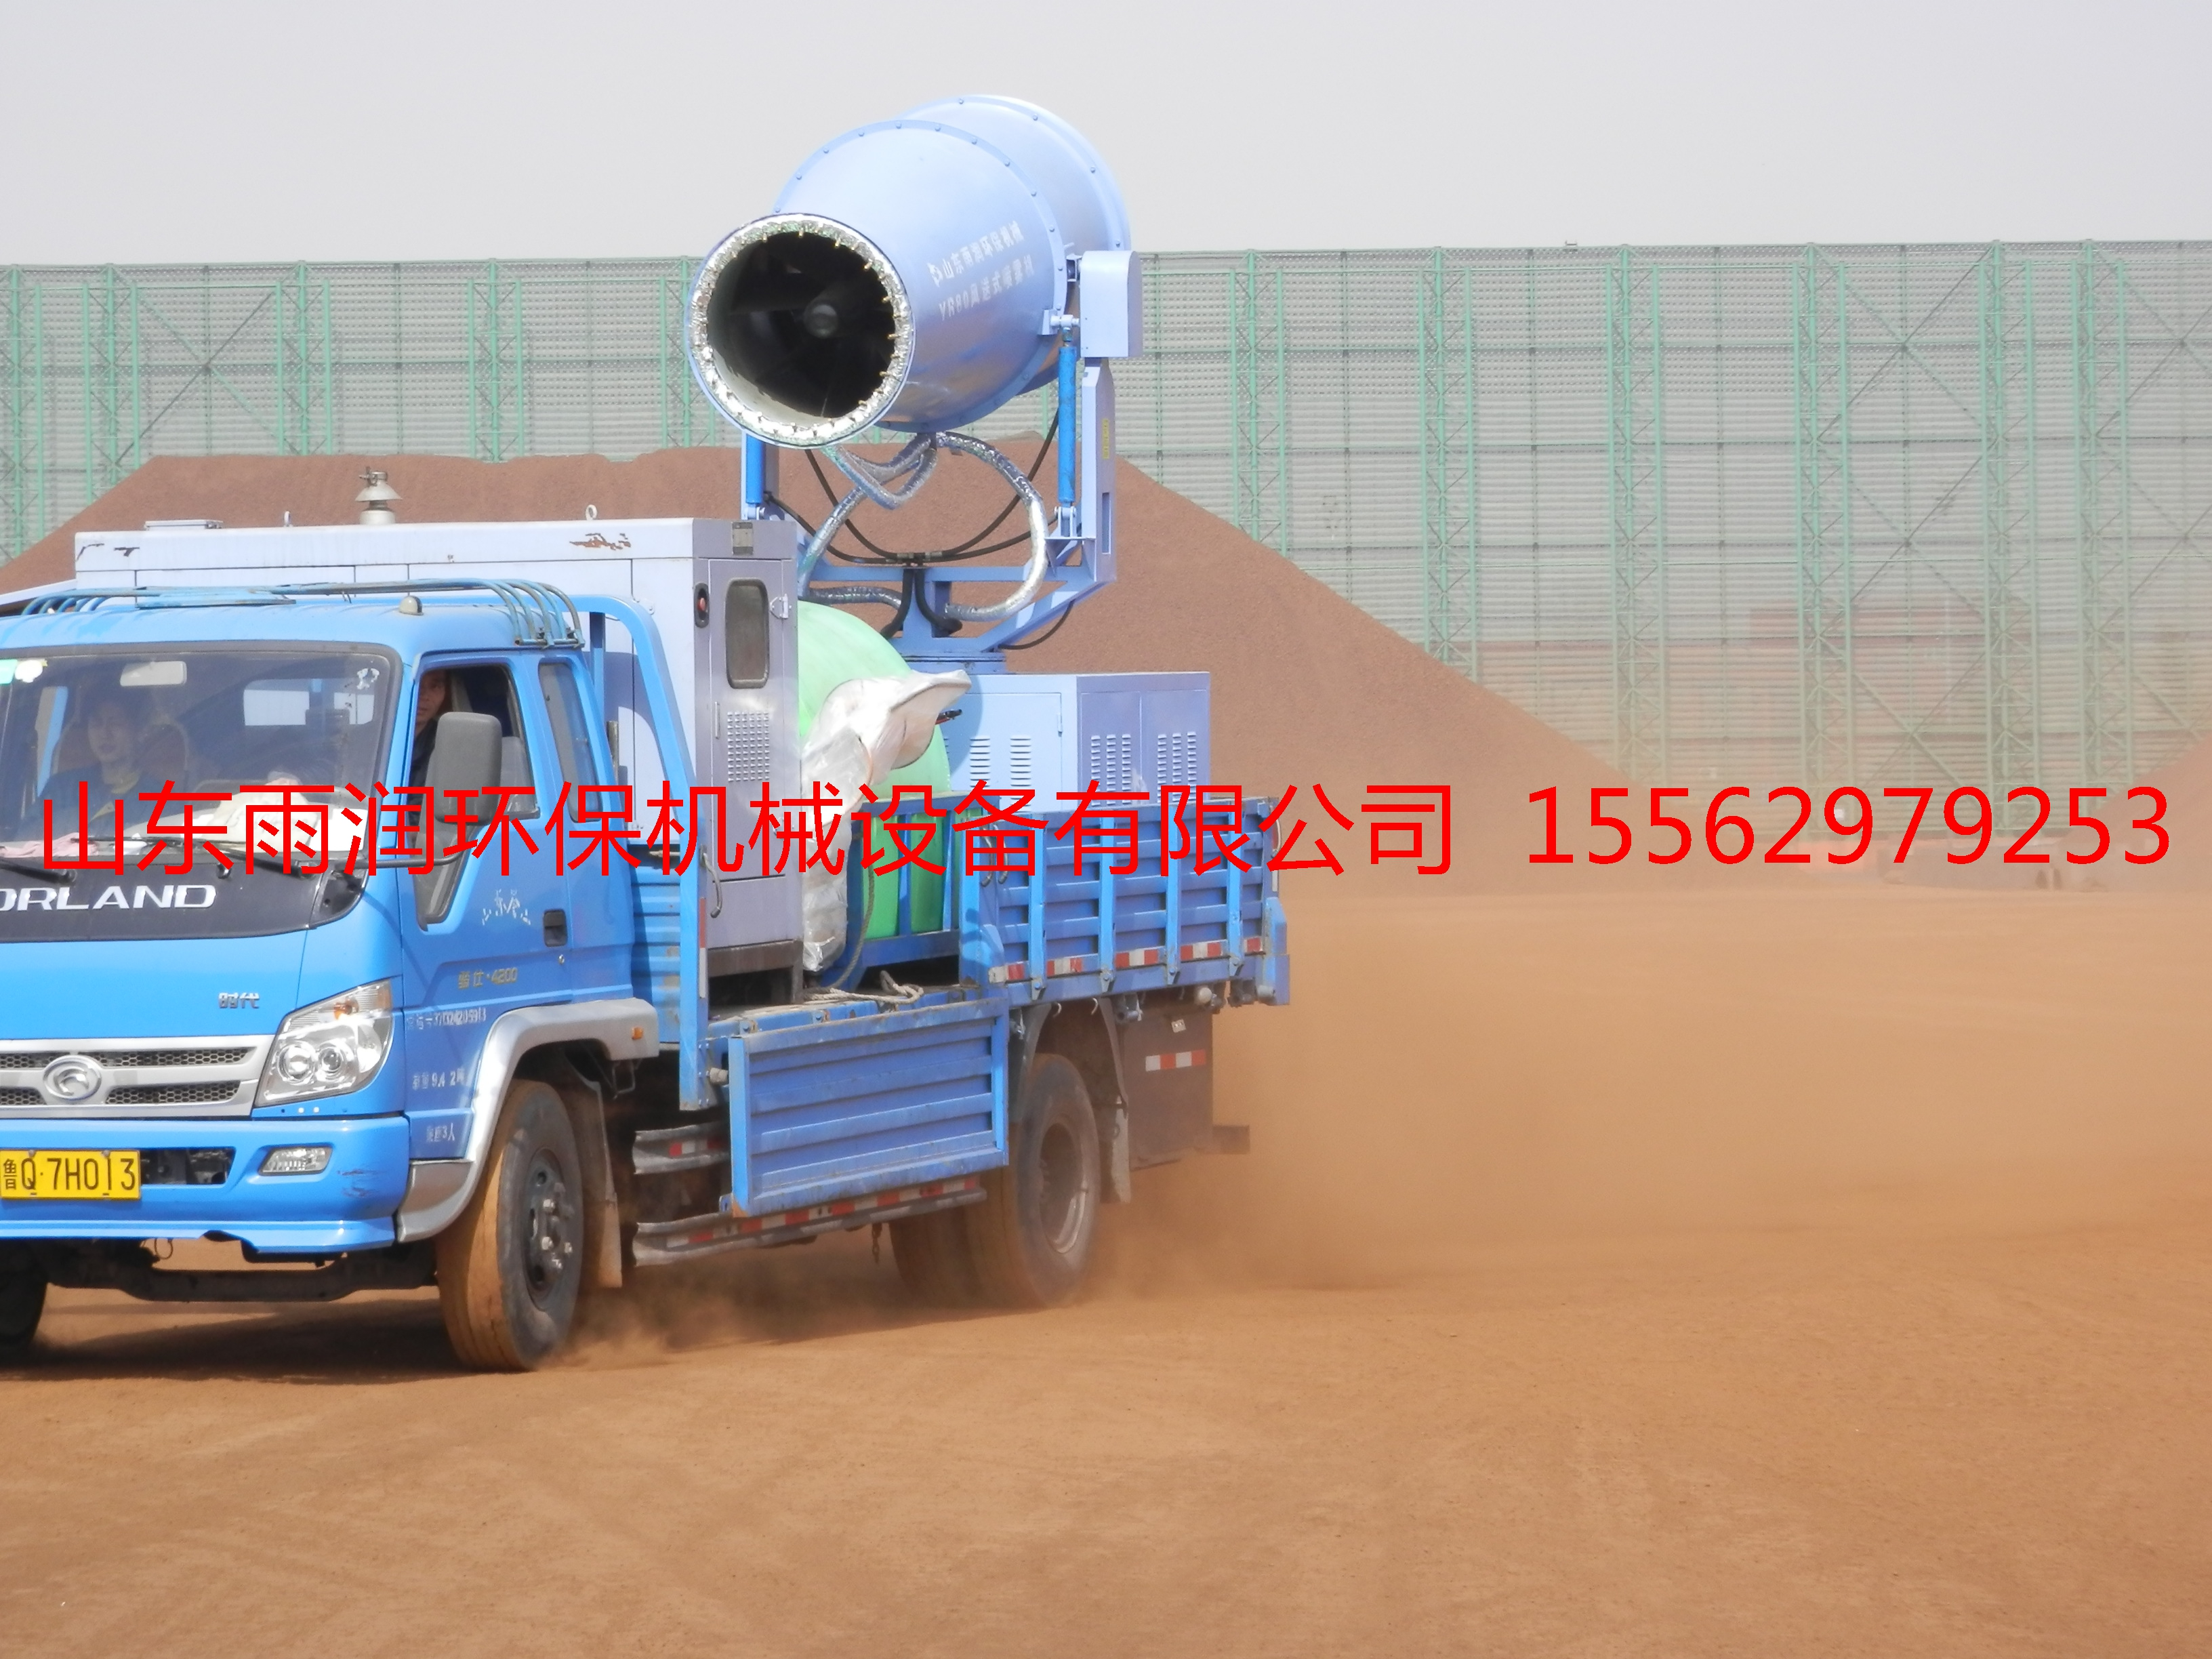 供应上饶风送式喷雾机,上饶风送式喷雾机价格,上饶风送式喷雾机专业生产厂家电话